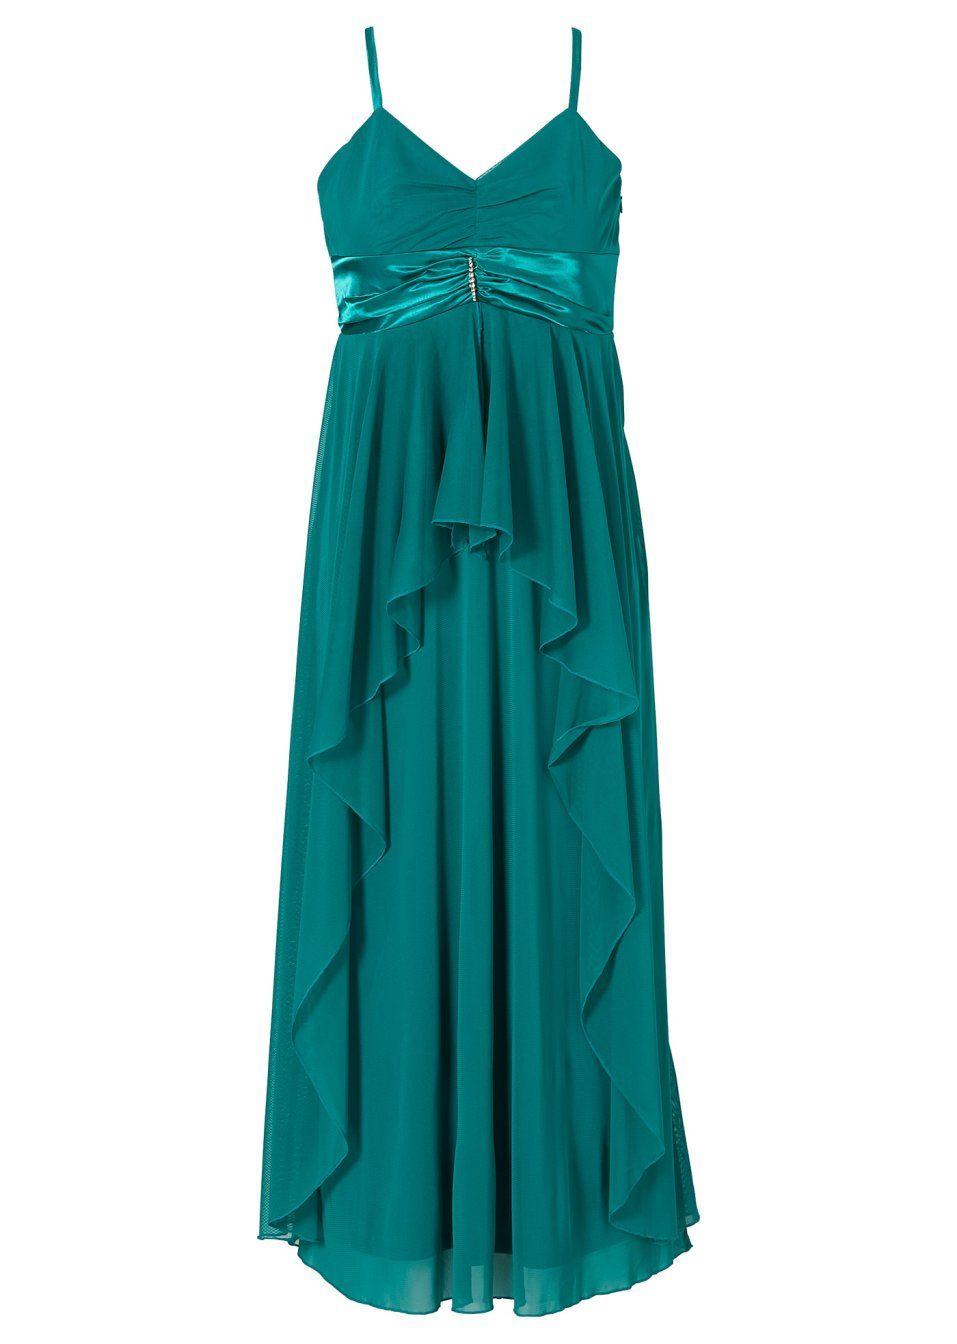 17 Coolste Abend Maxi Kleid Galerie10 Perfekt Abend Maxi Kleid für 2019